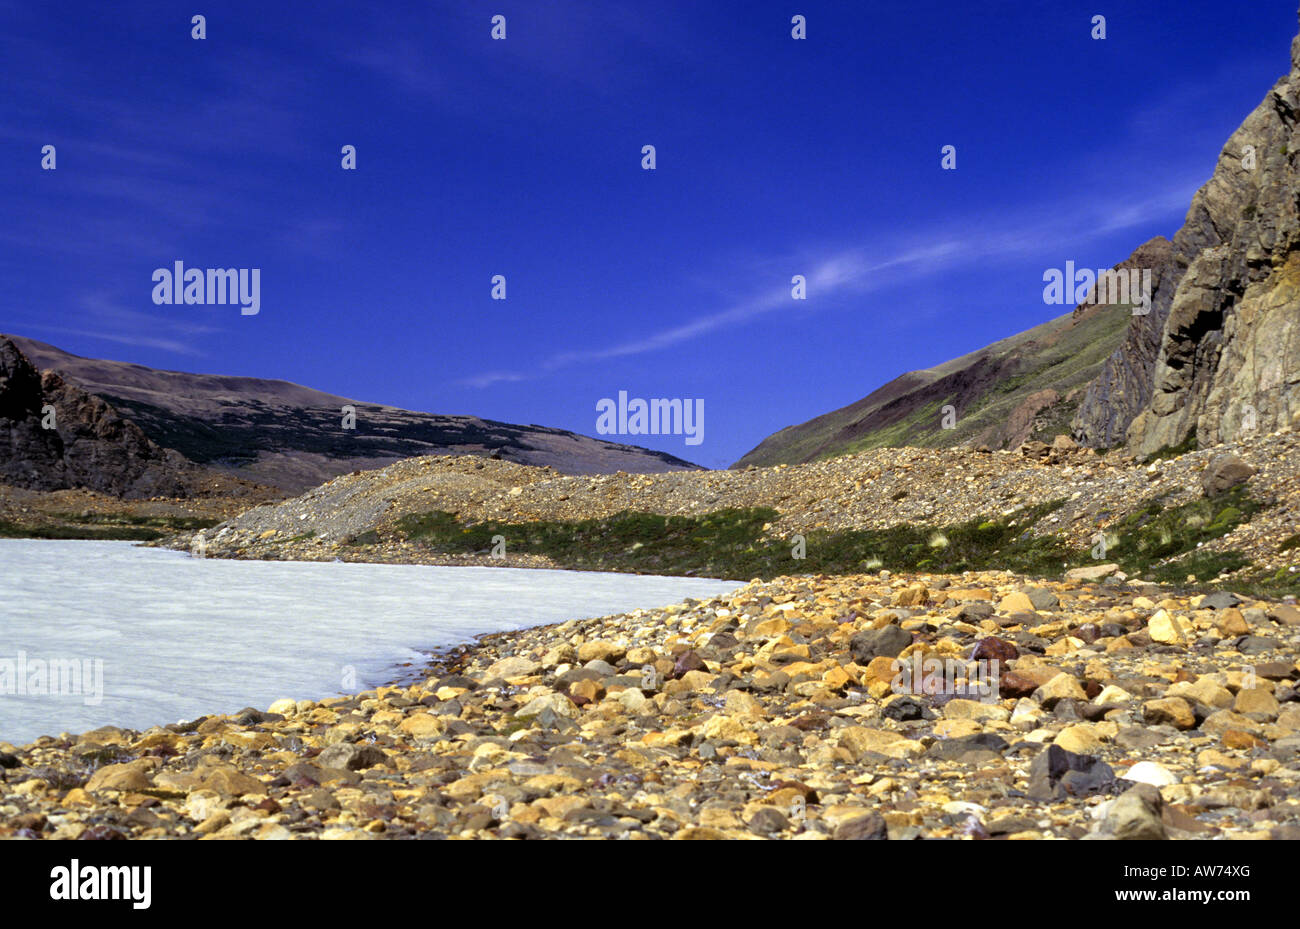 Laguna Toro Toro (lago). Las aguas glaciales Imagen De Stock